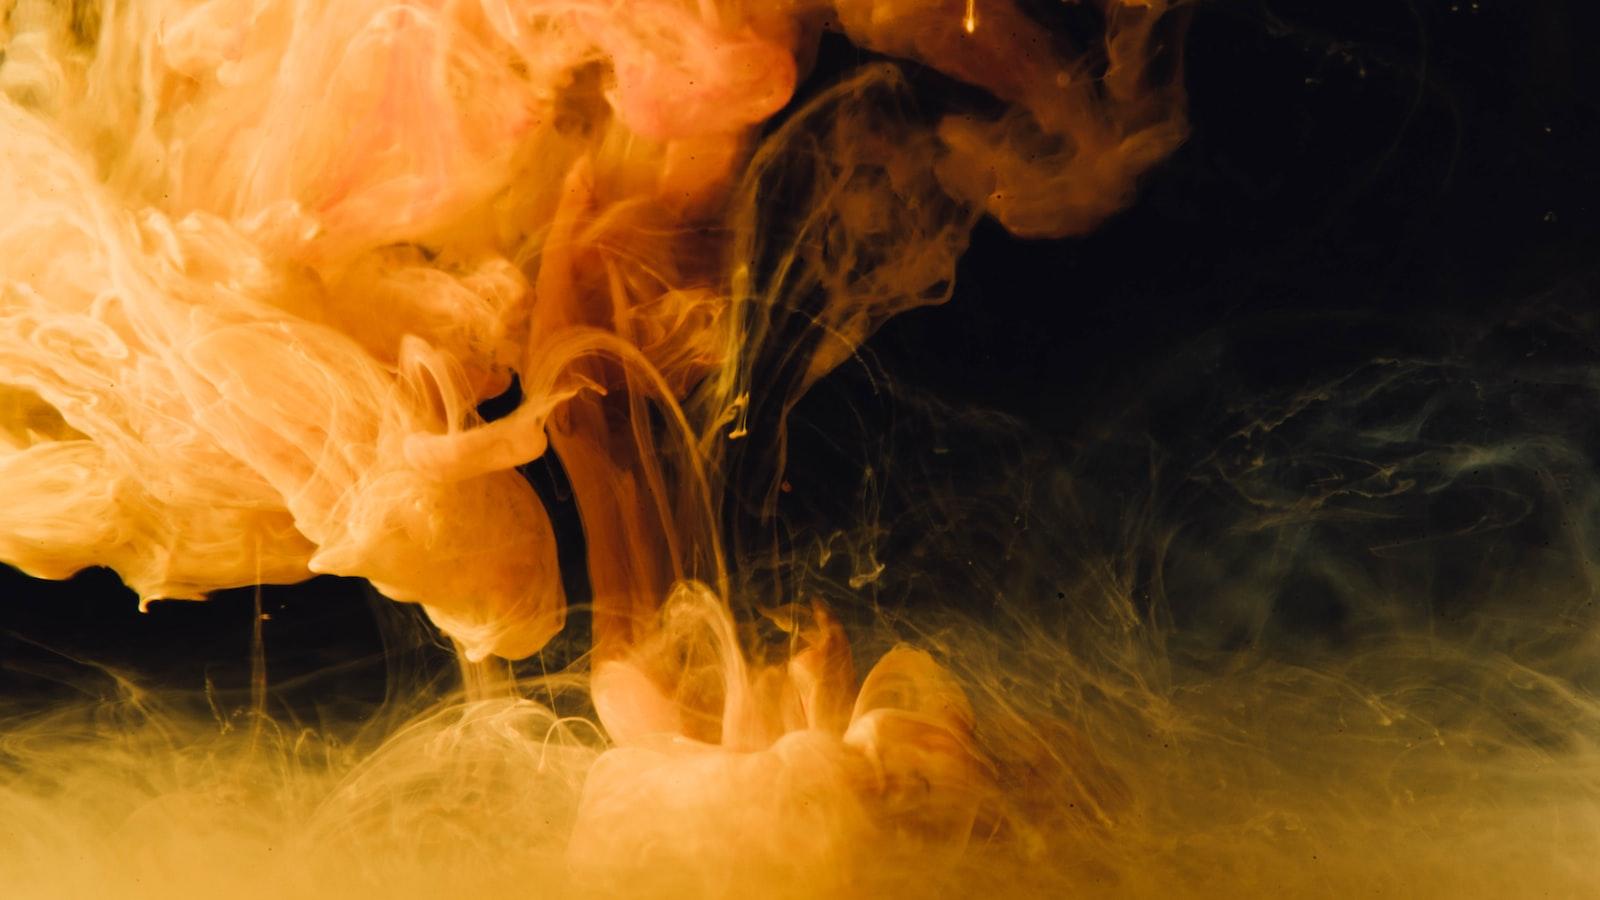 Chapter 3 Ep. 4 | Smoke and Perfume